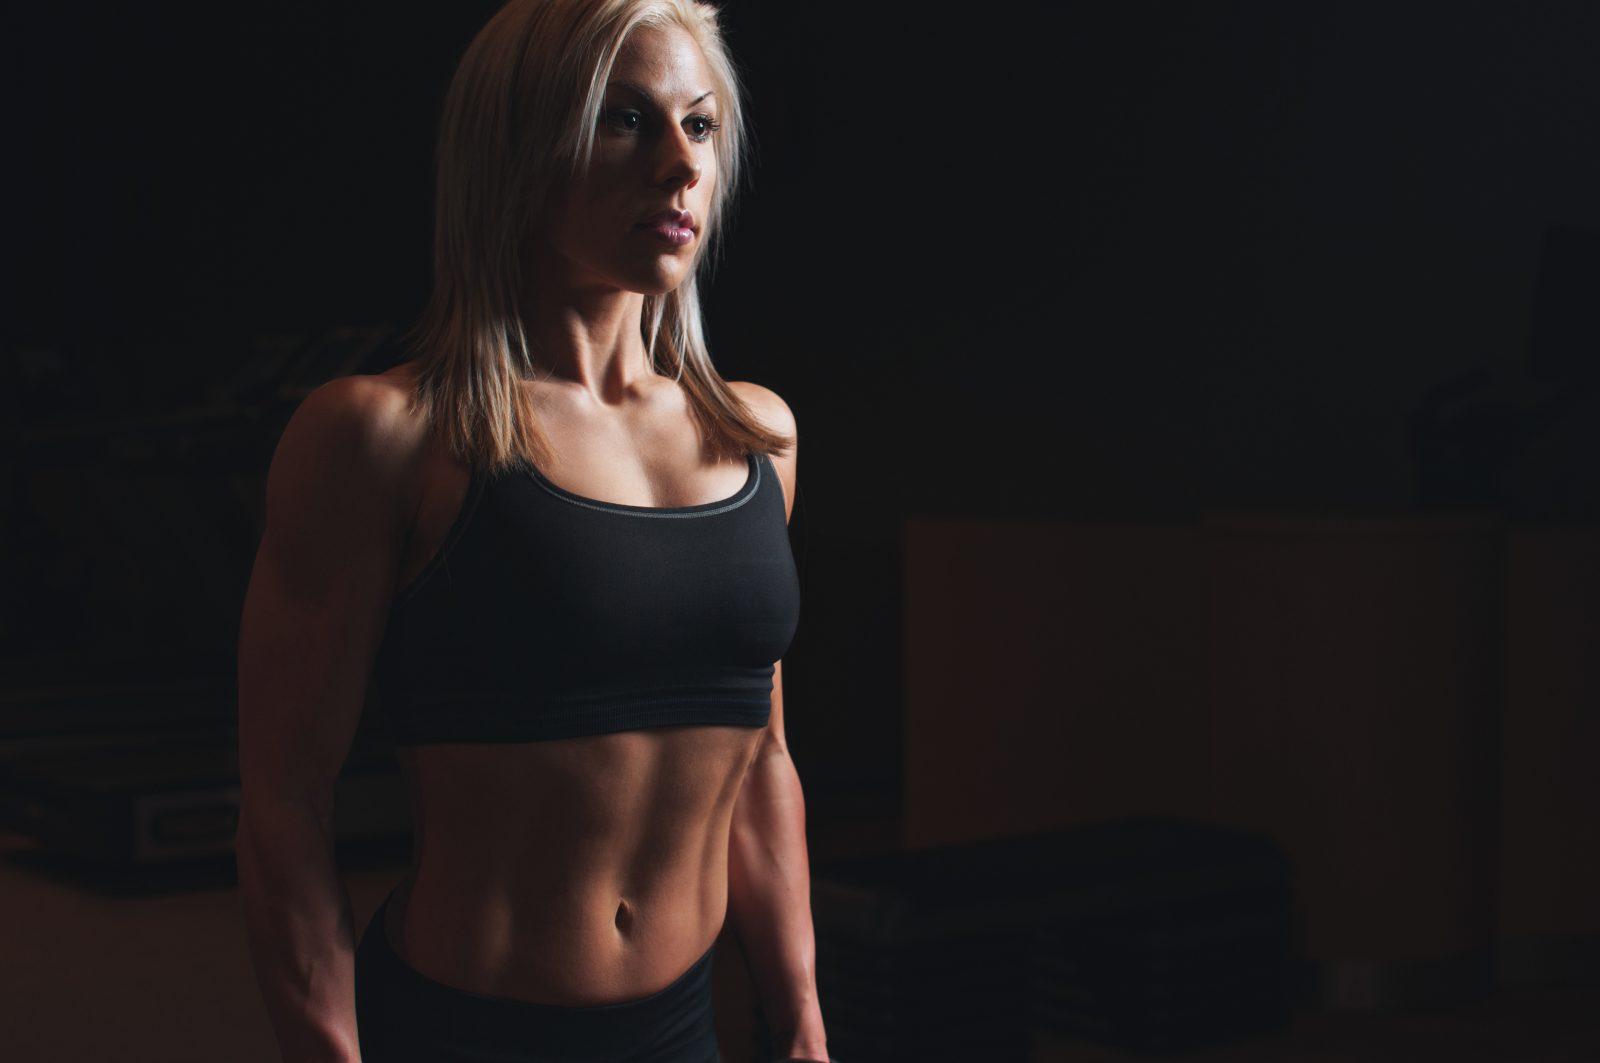 覺醒健身:健身入門問題—相信自已對於健身的重要性